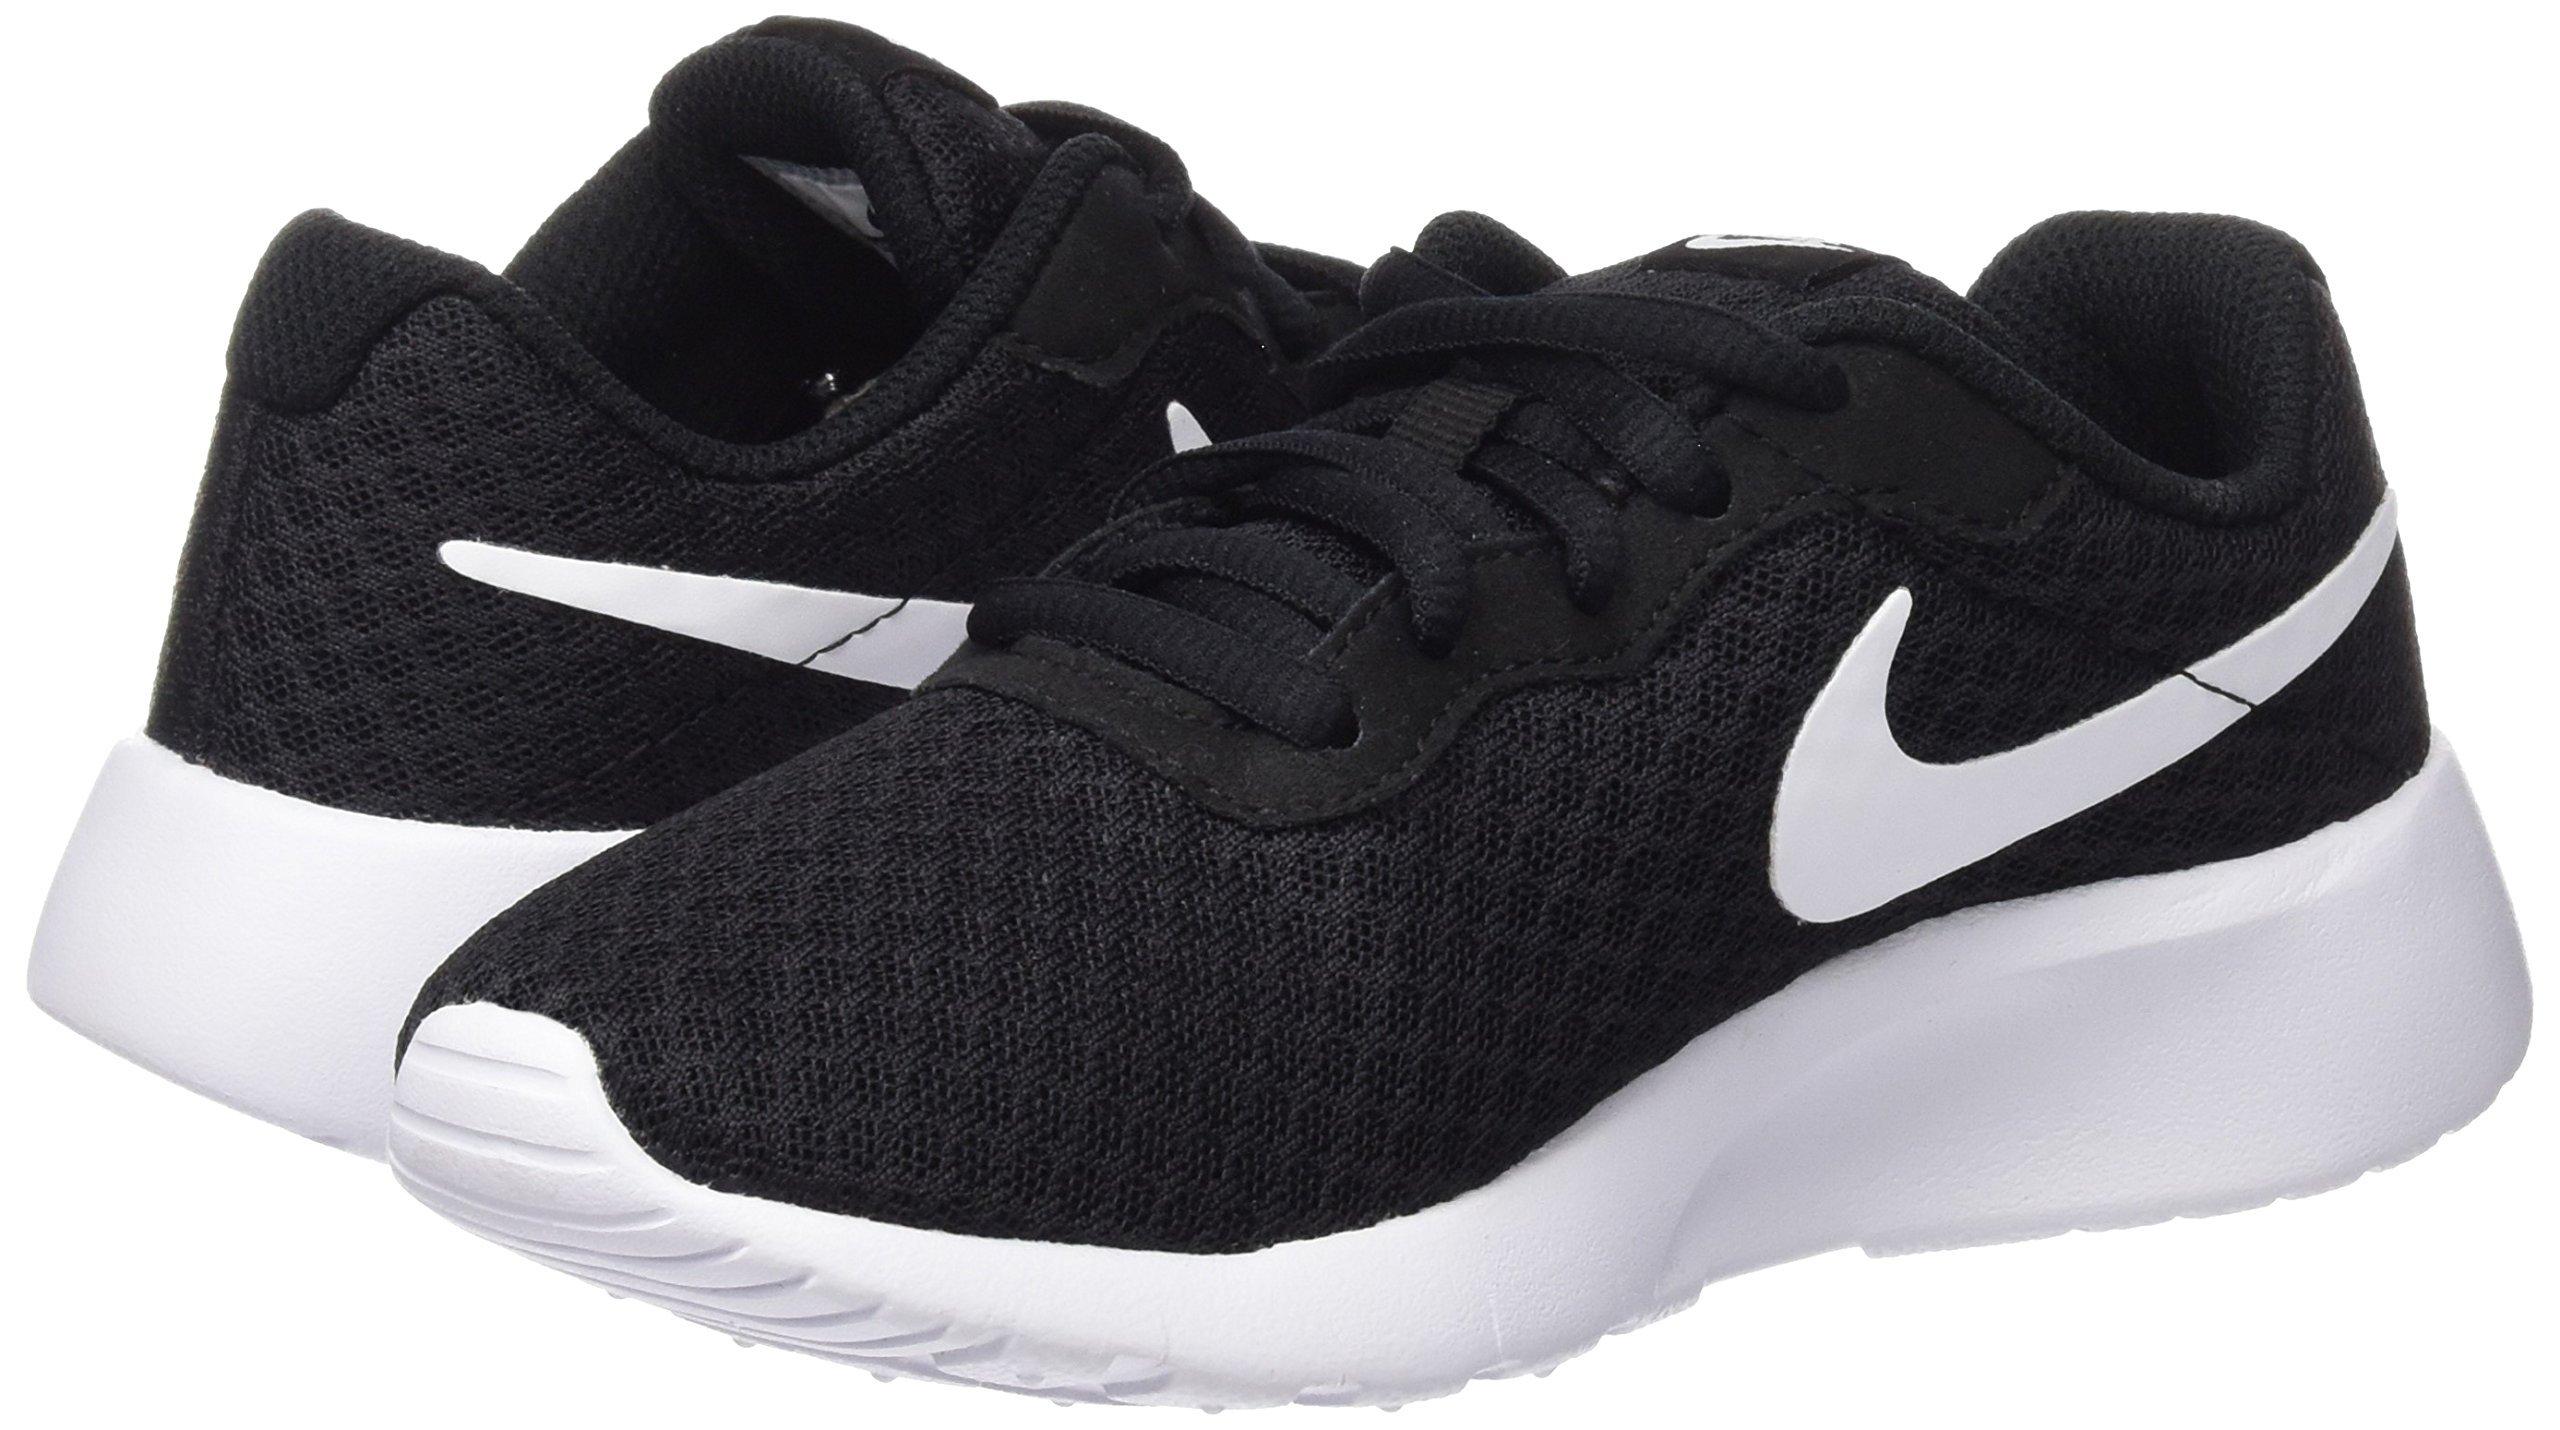 Nike Boy's Tanjun Running Sneaker Black/White-White 13 by Nike (Image #8)